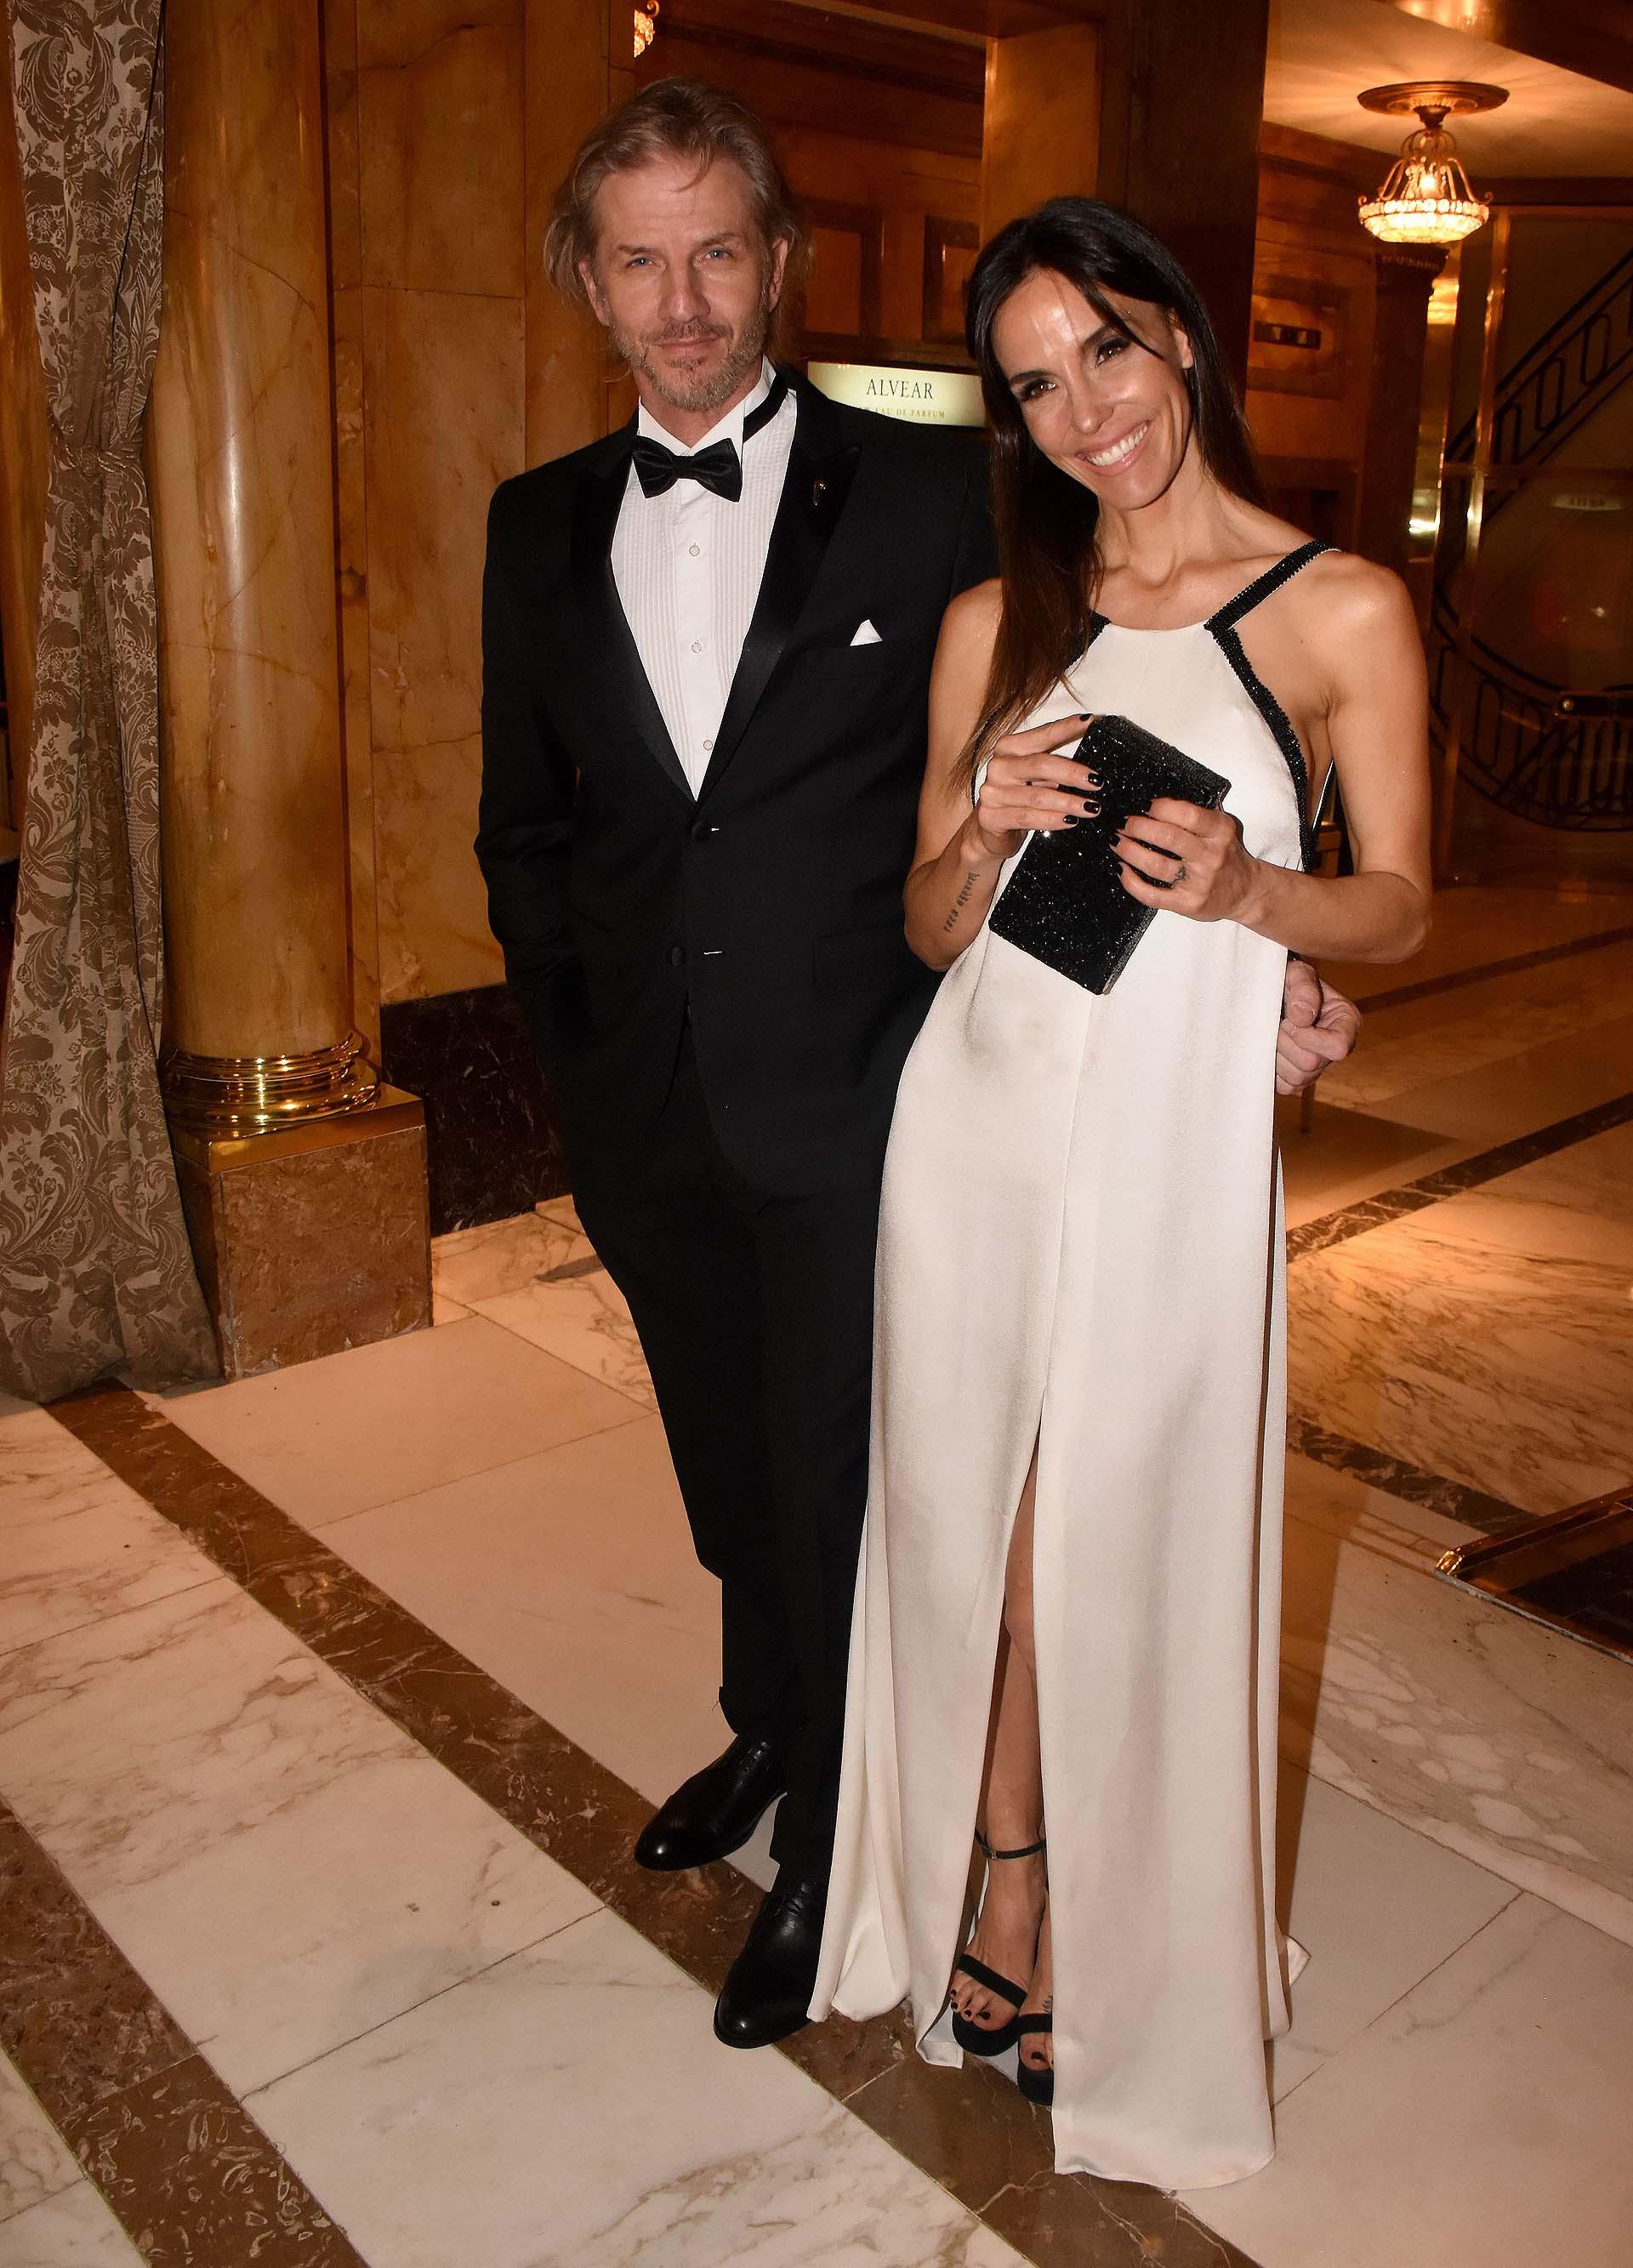 Facundo Arana, embajador de Fundaleu, acompañado por su mujer, María Susini